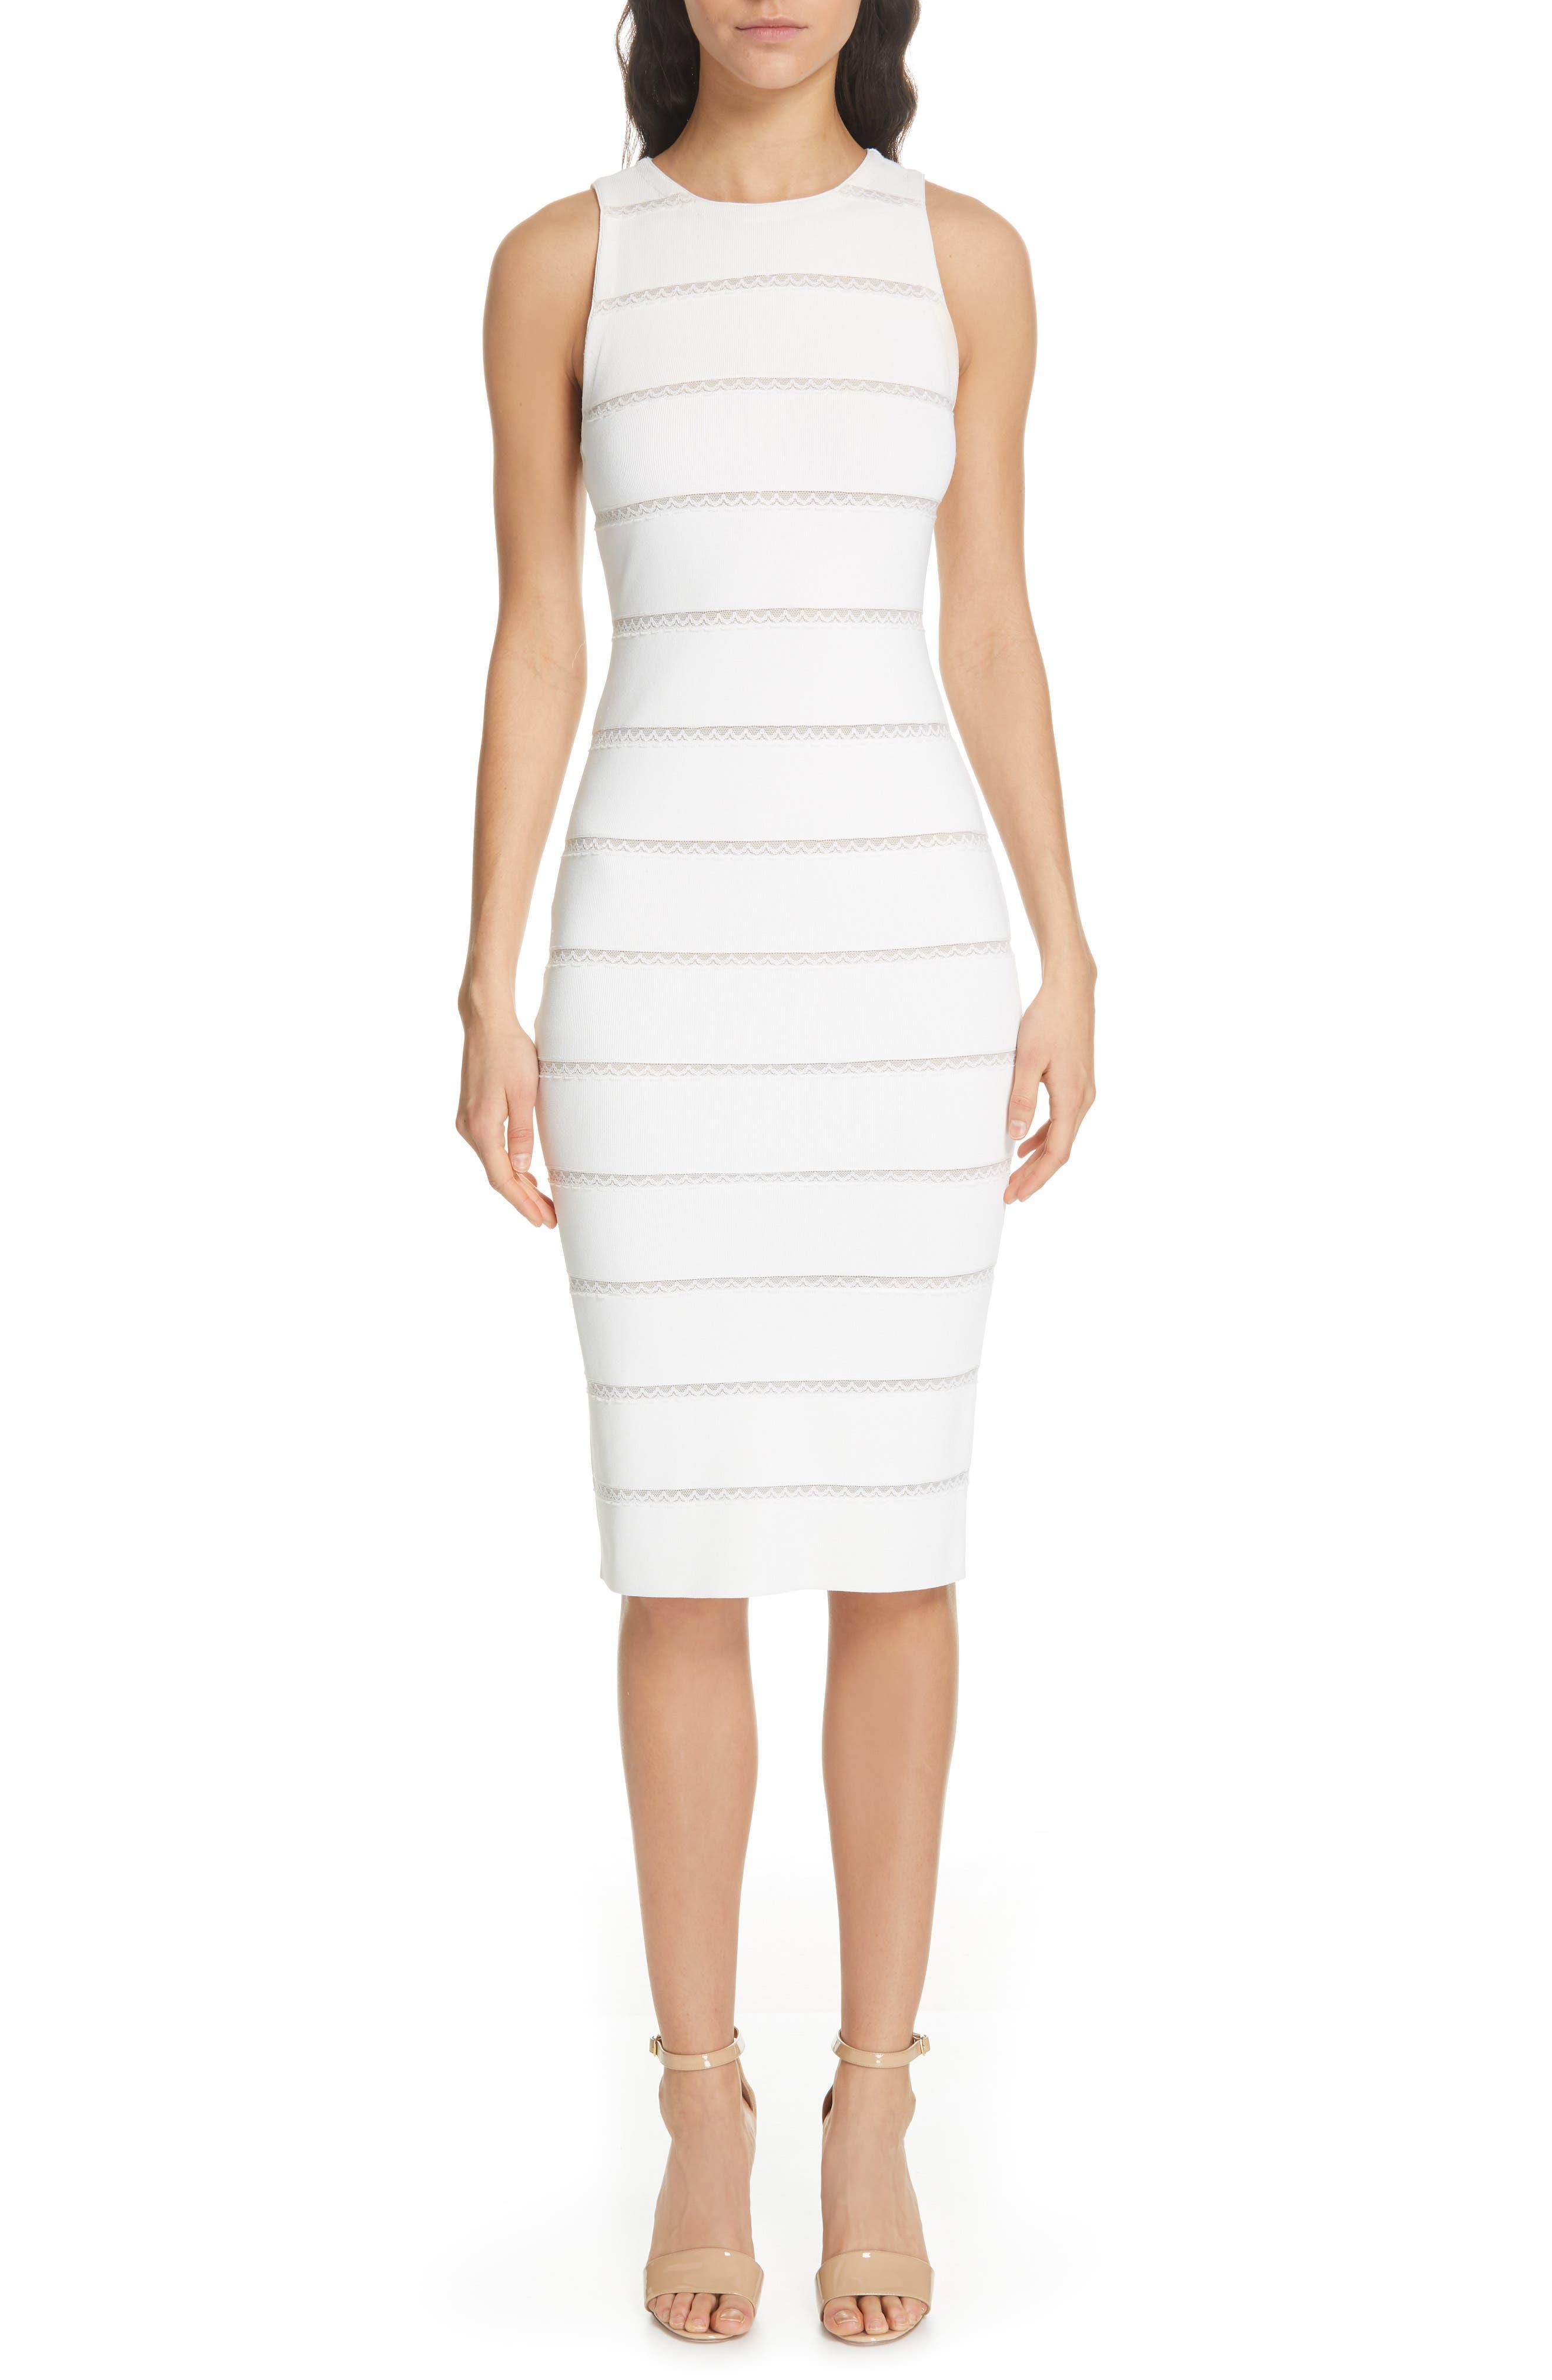 Alice + Olivia Jenner Lace Inset Sheath Dress, White